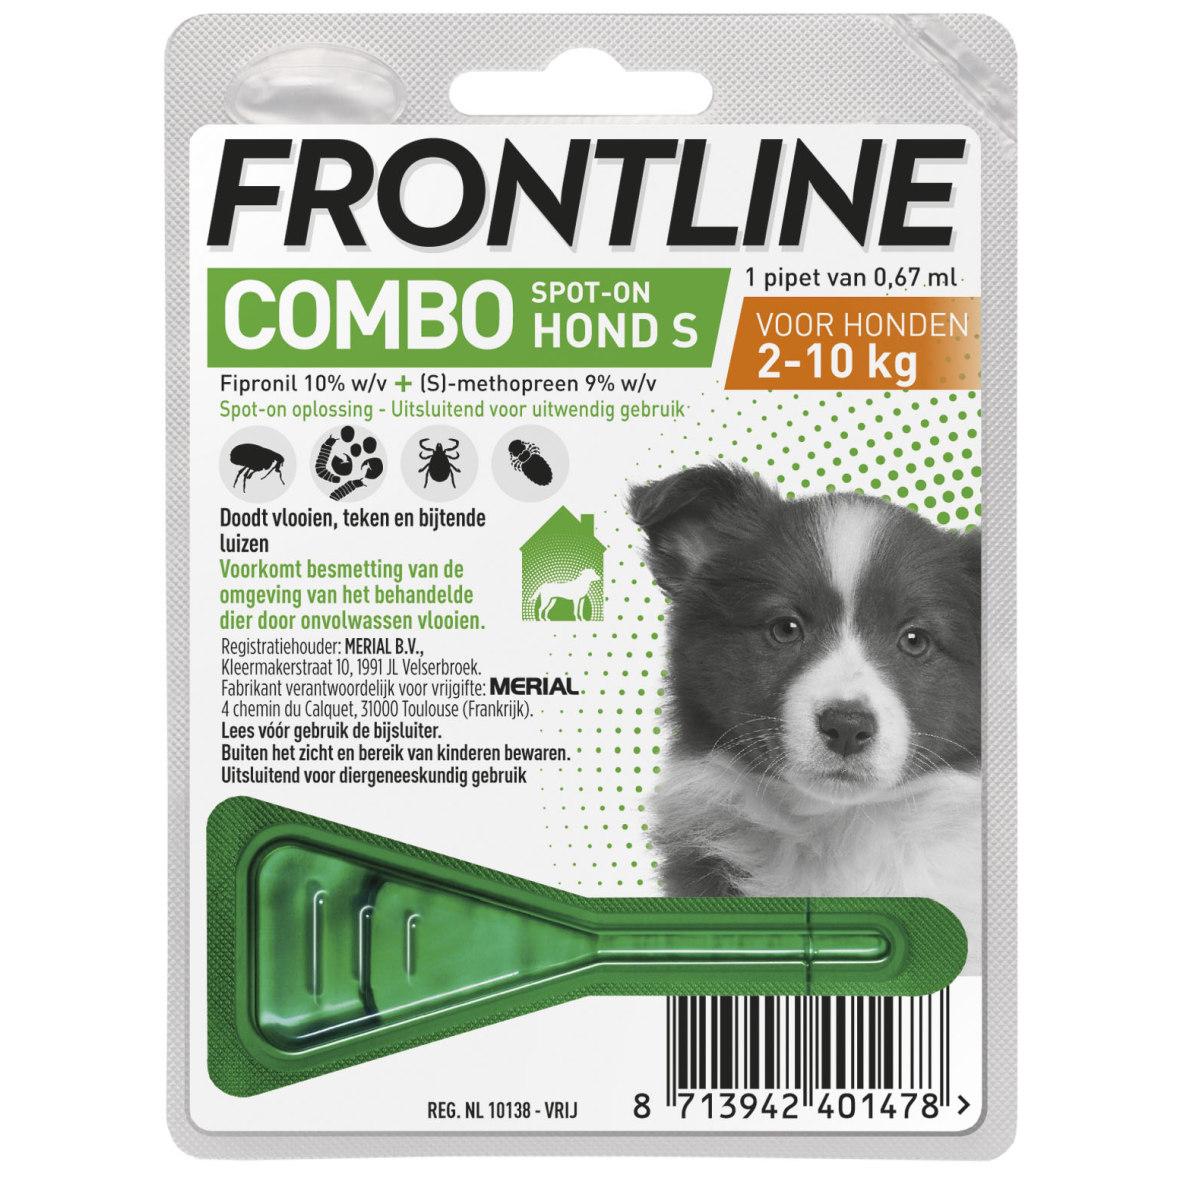 FRONTLINE COMBO HOND 1 PIP. 00001